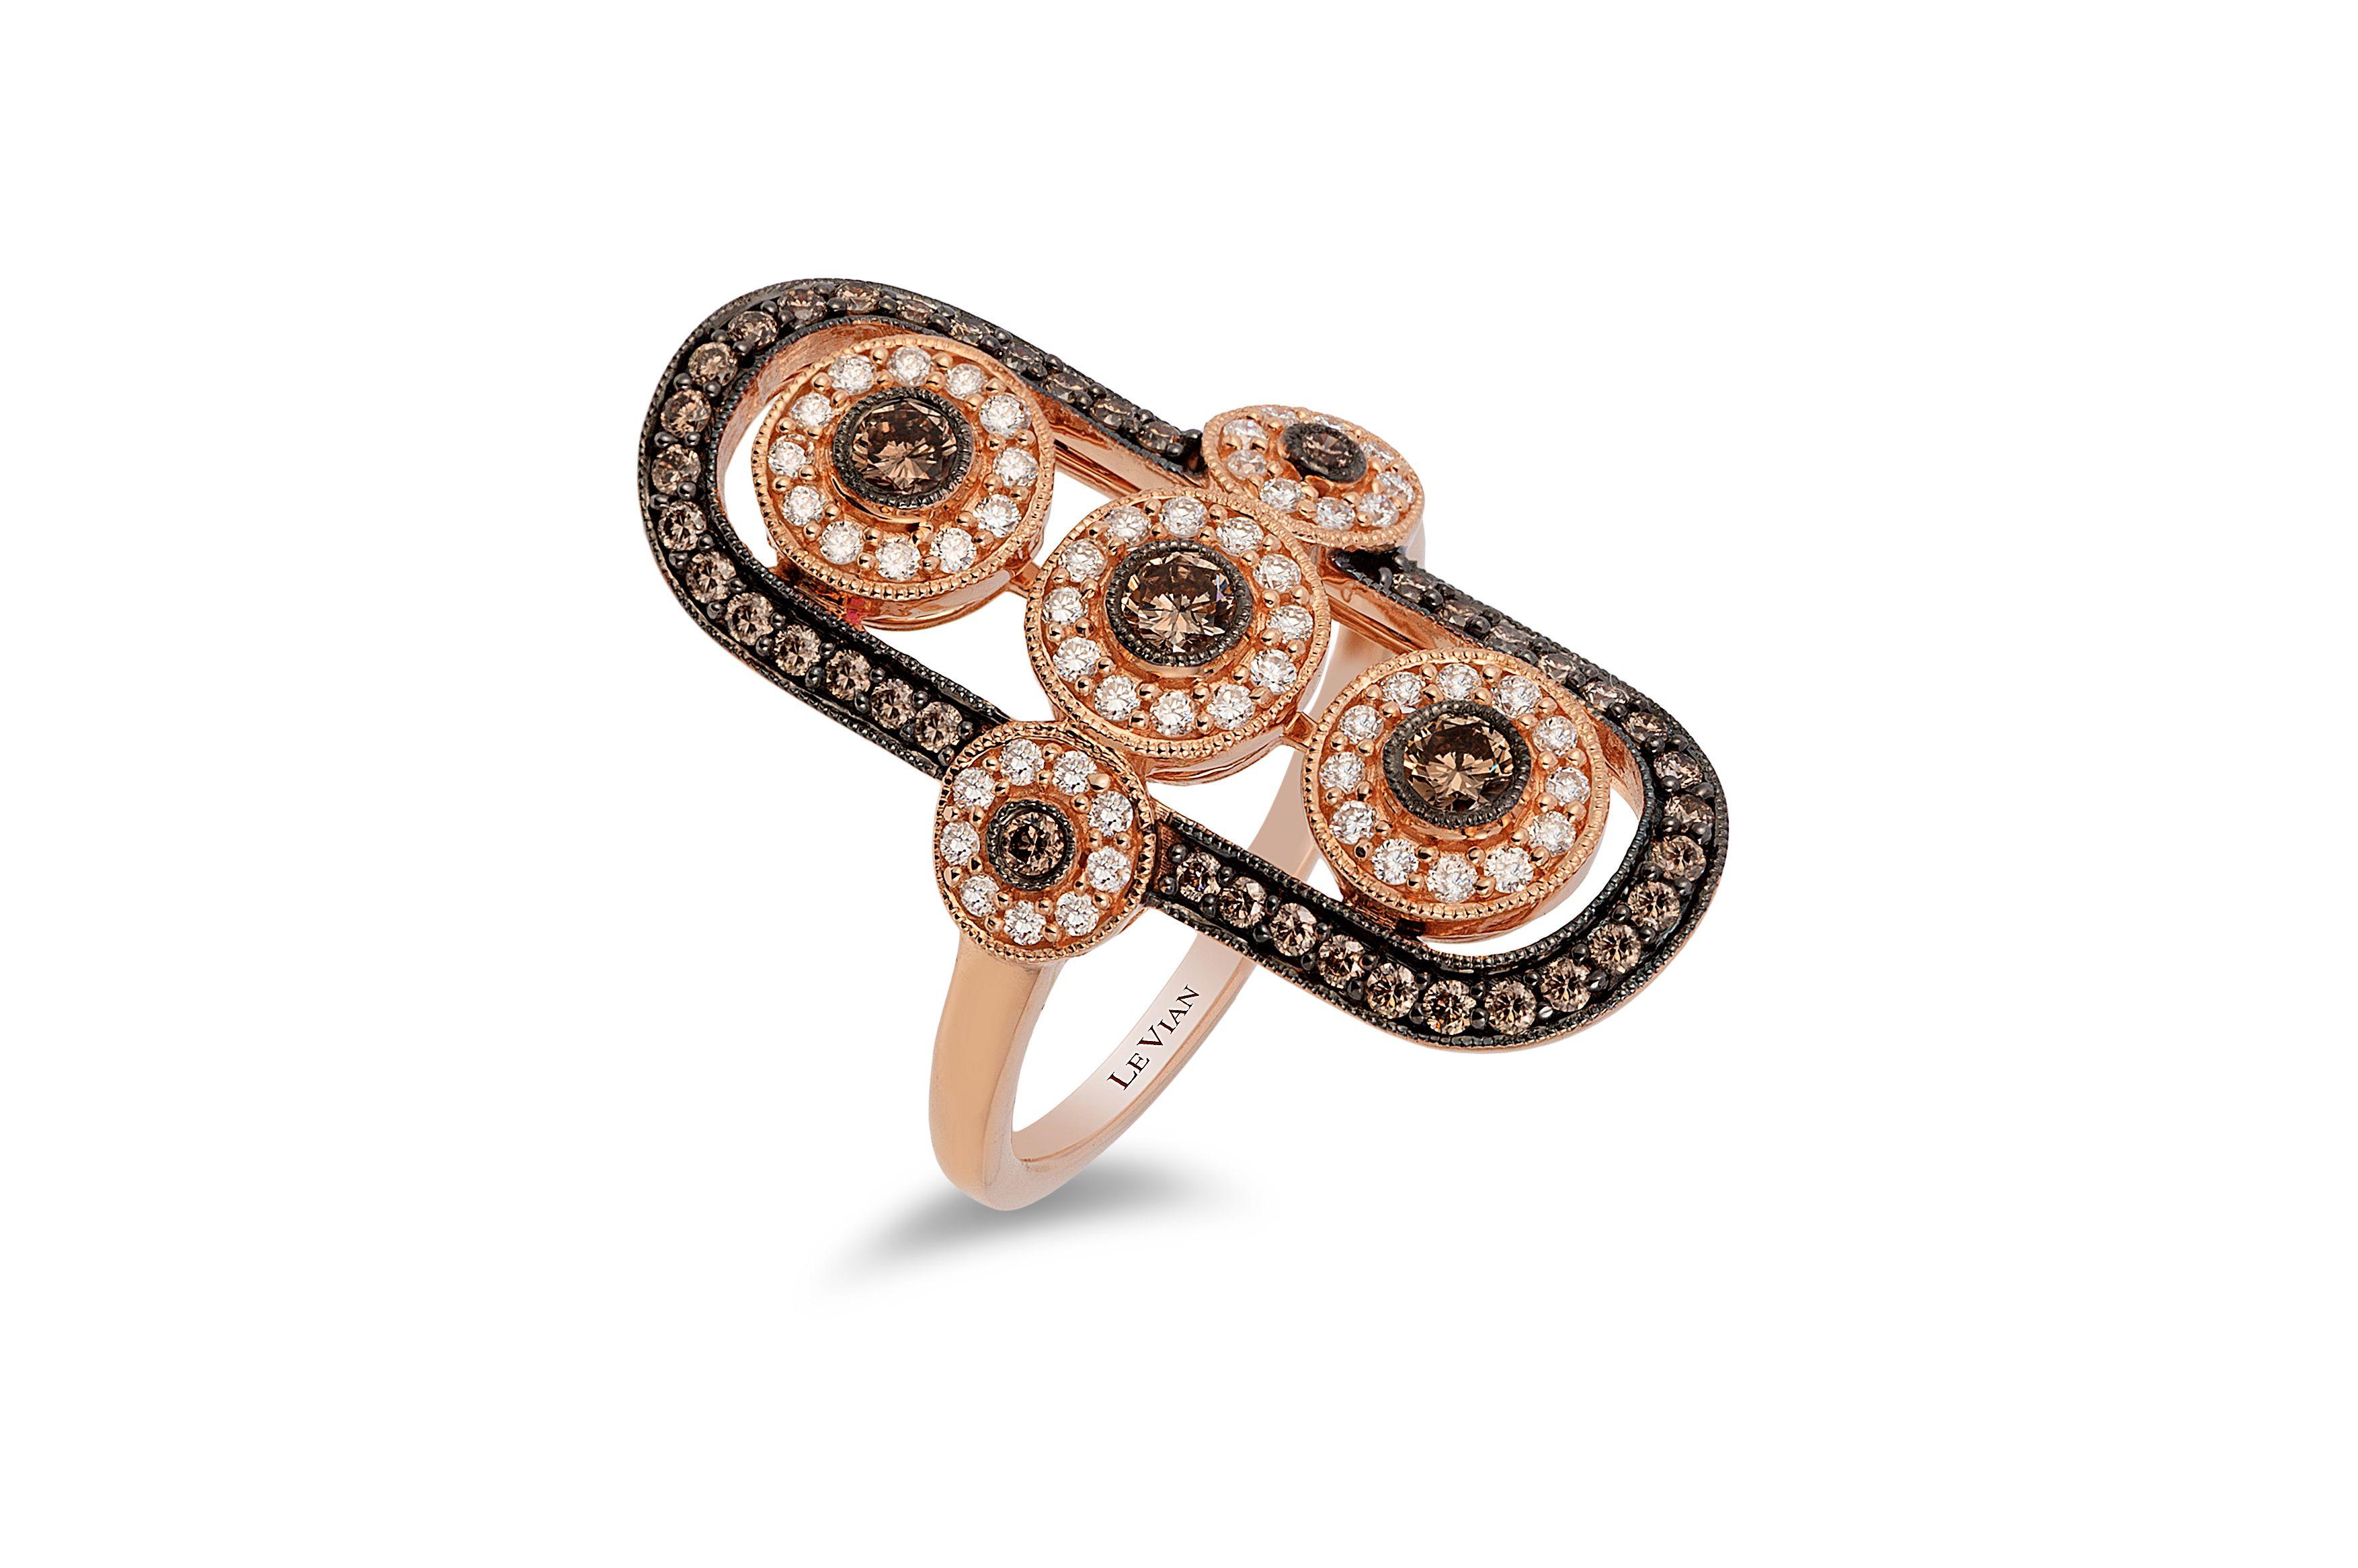 #LeVian Chocolate® Diamonds, #jewelry, #fashionjewelry, #ncdia